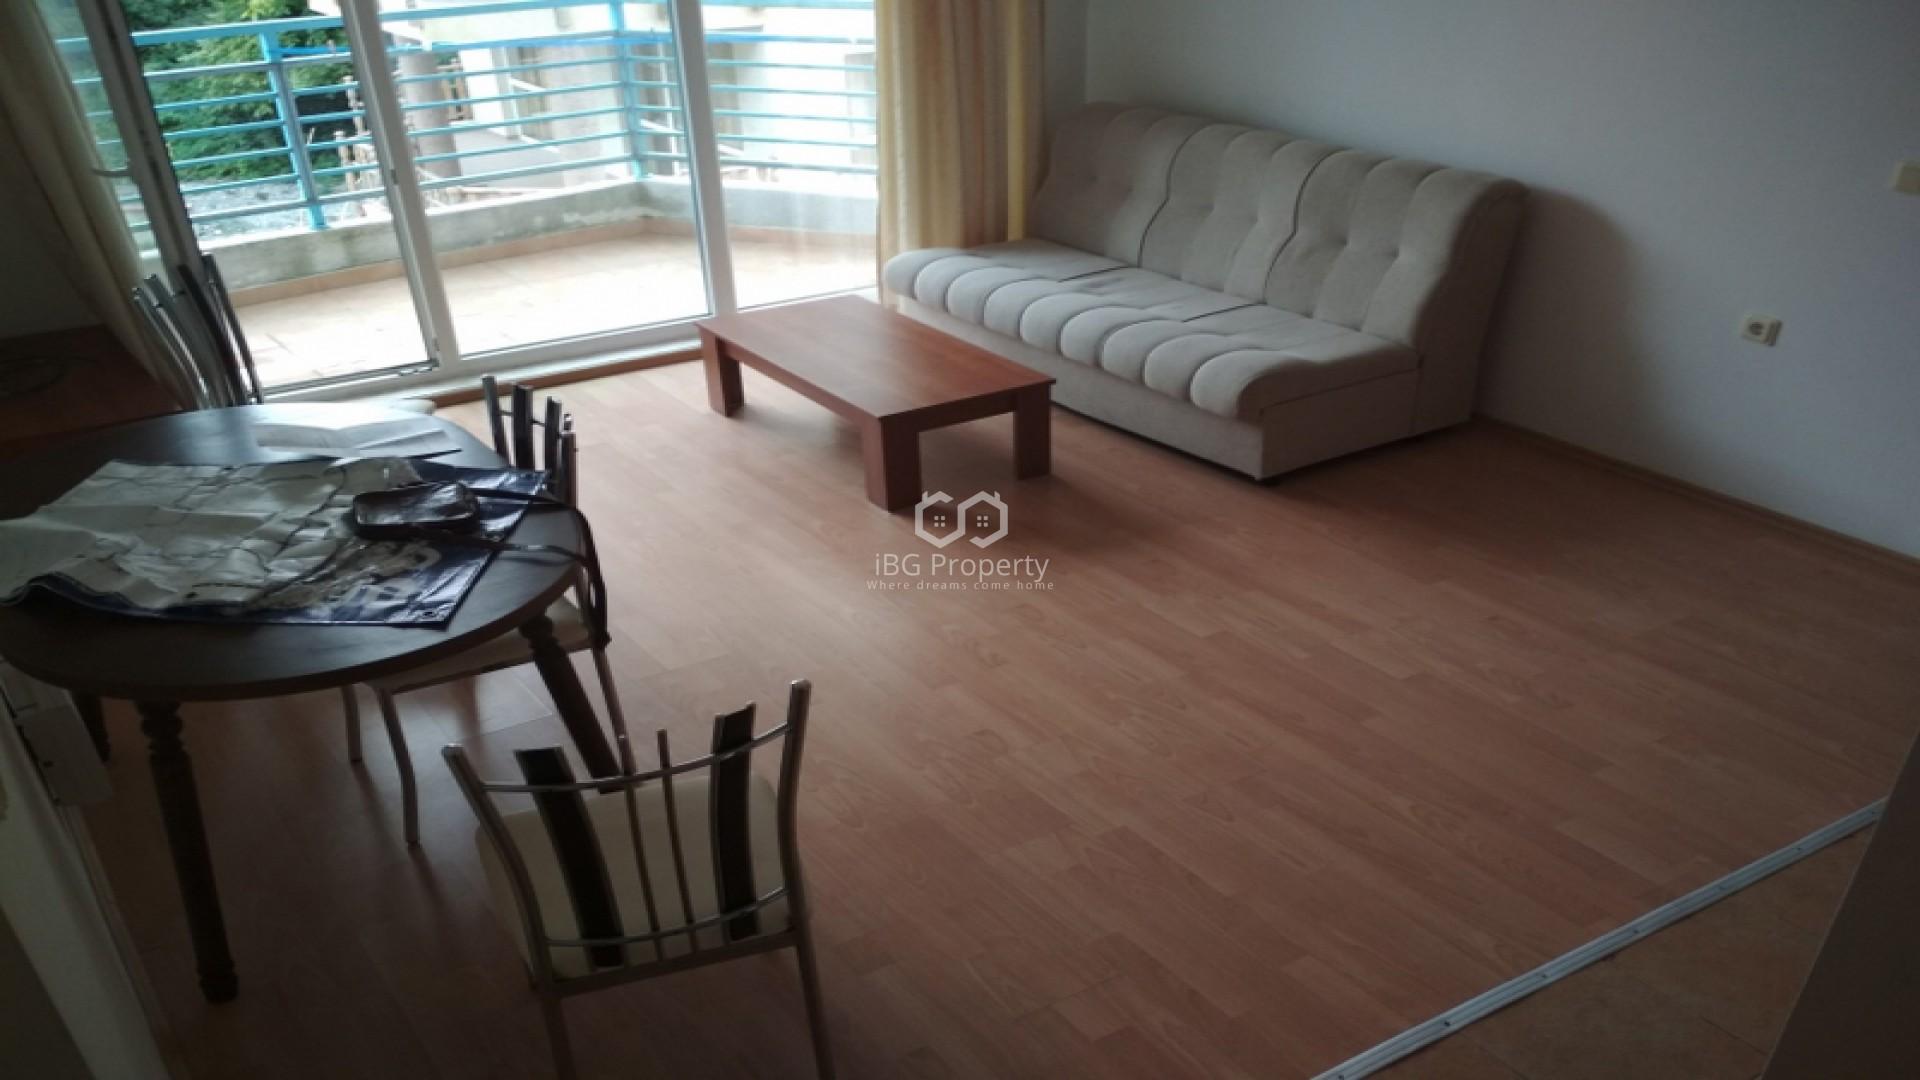 Двухкомнатная квартира Балчик 54 m2